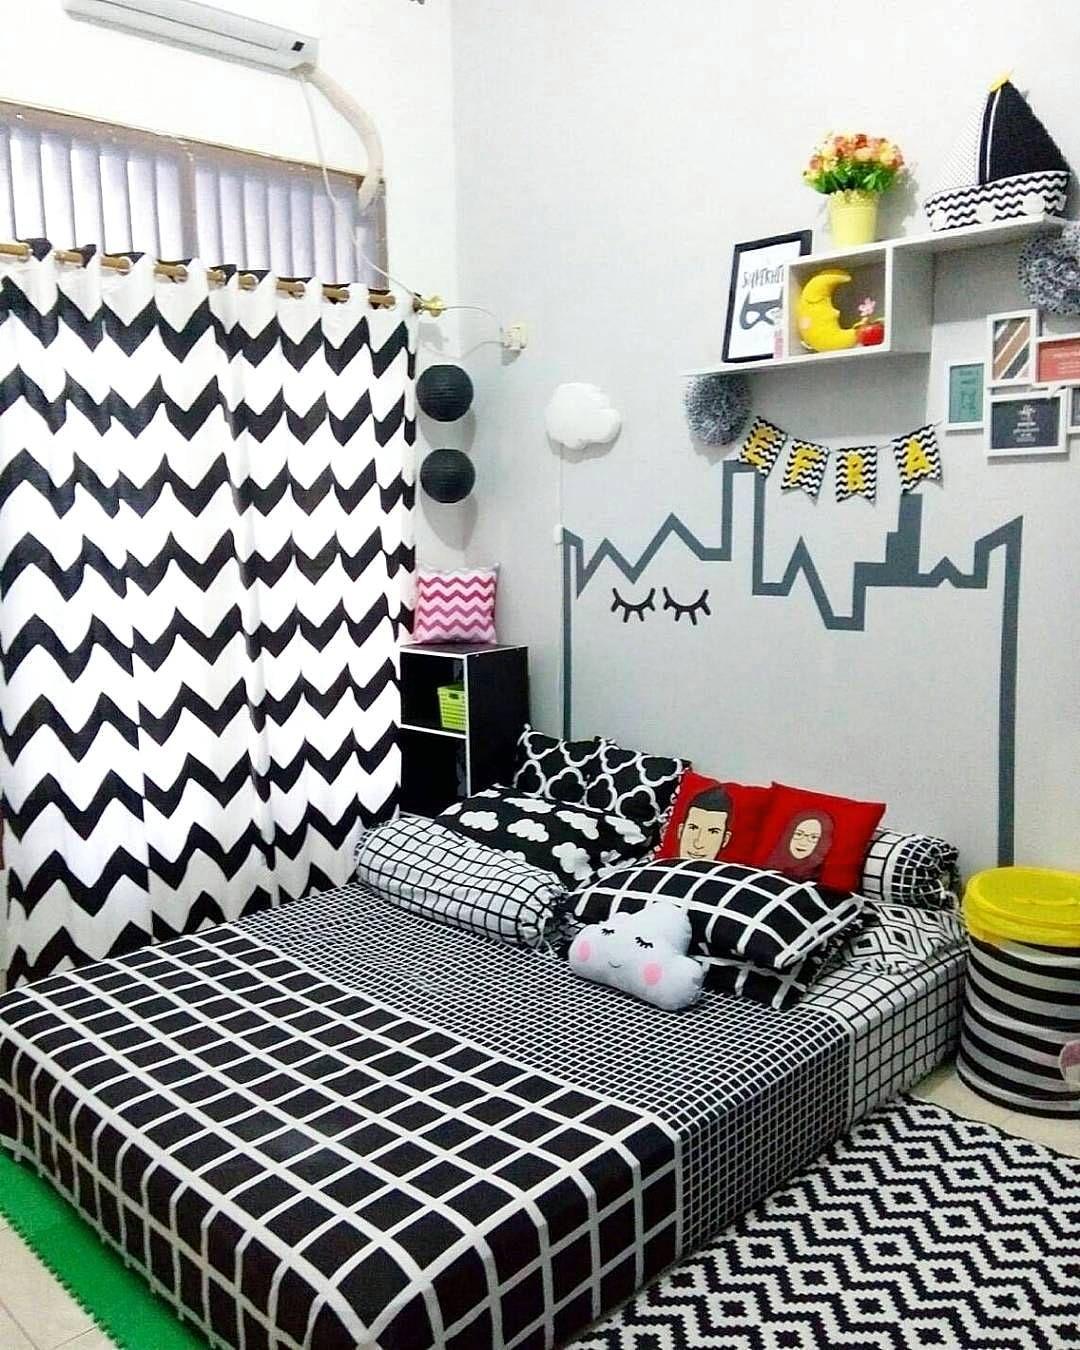 Dekorasi Kamar Tidur 3x3 Terbaru Dekorasi Kamar Tidur Pinterest